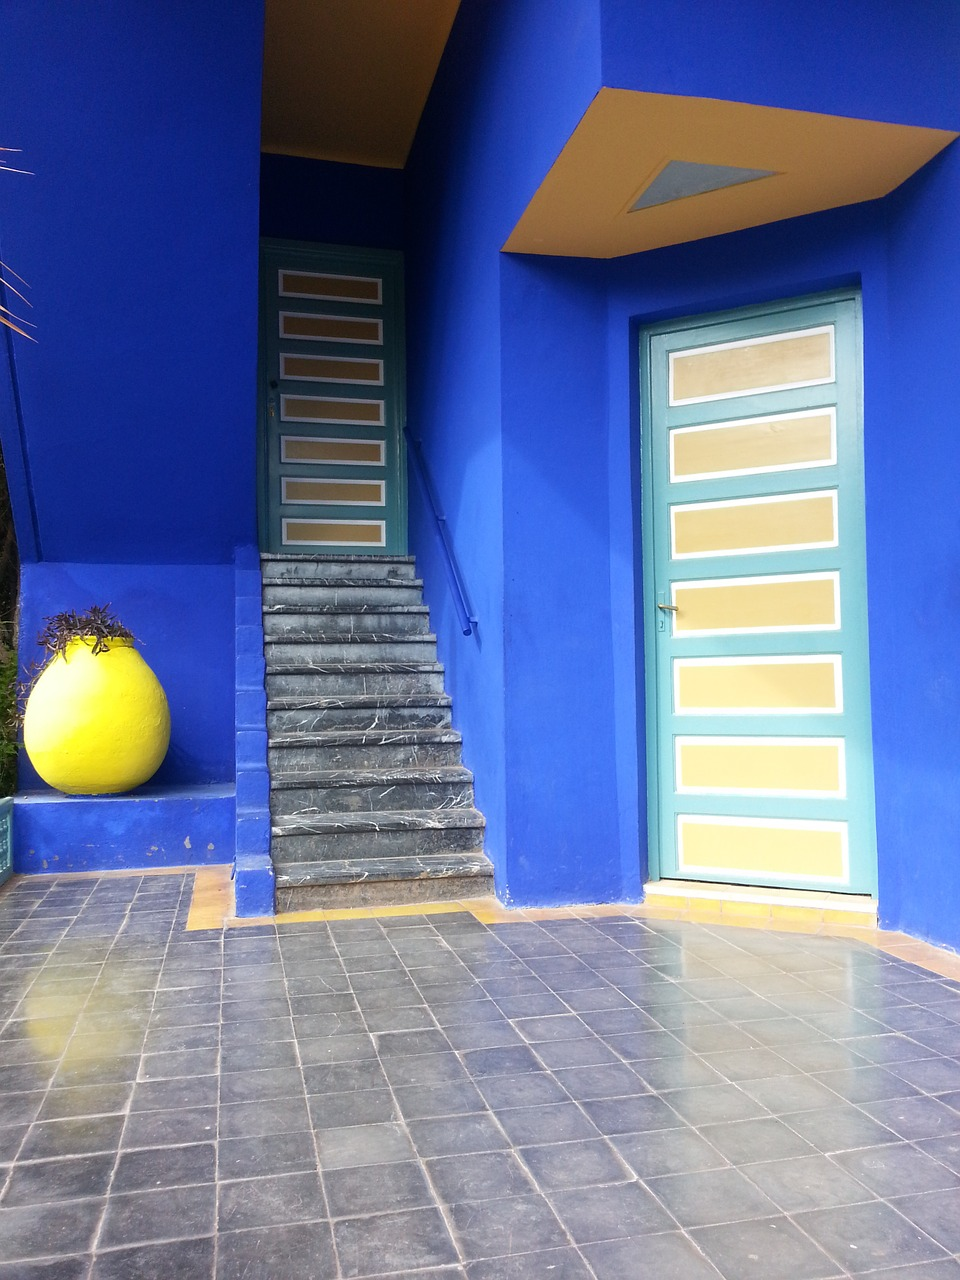 Marrakech, Majorelle (Pic by BUTTIN, pixabay.com)